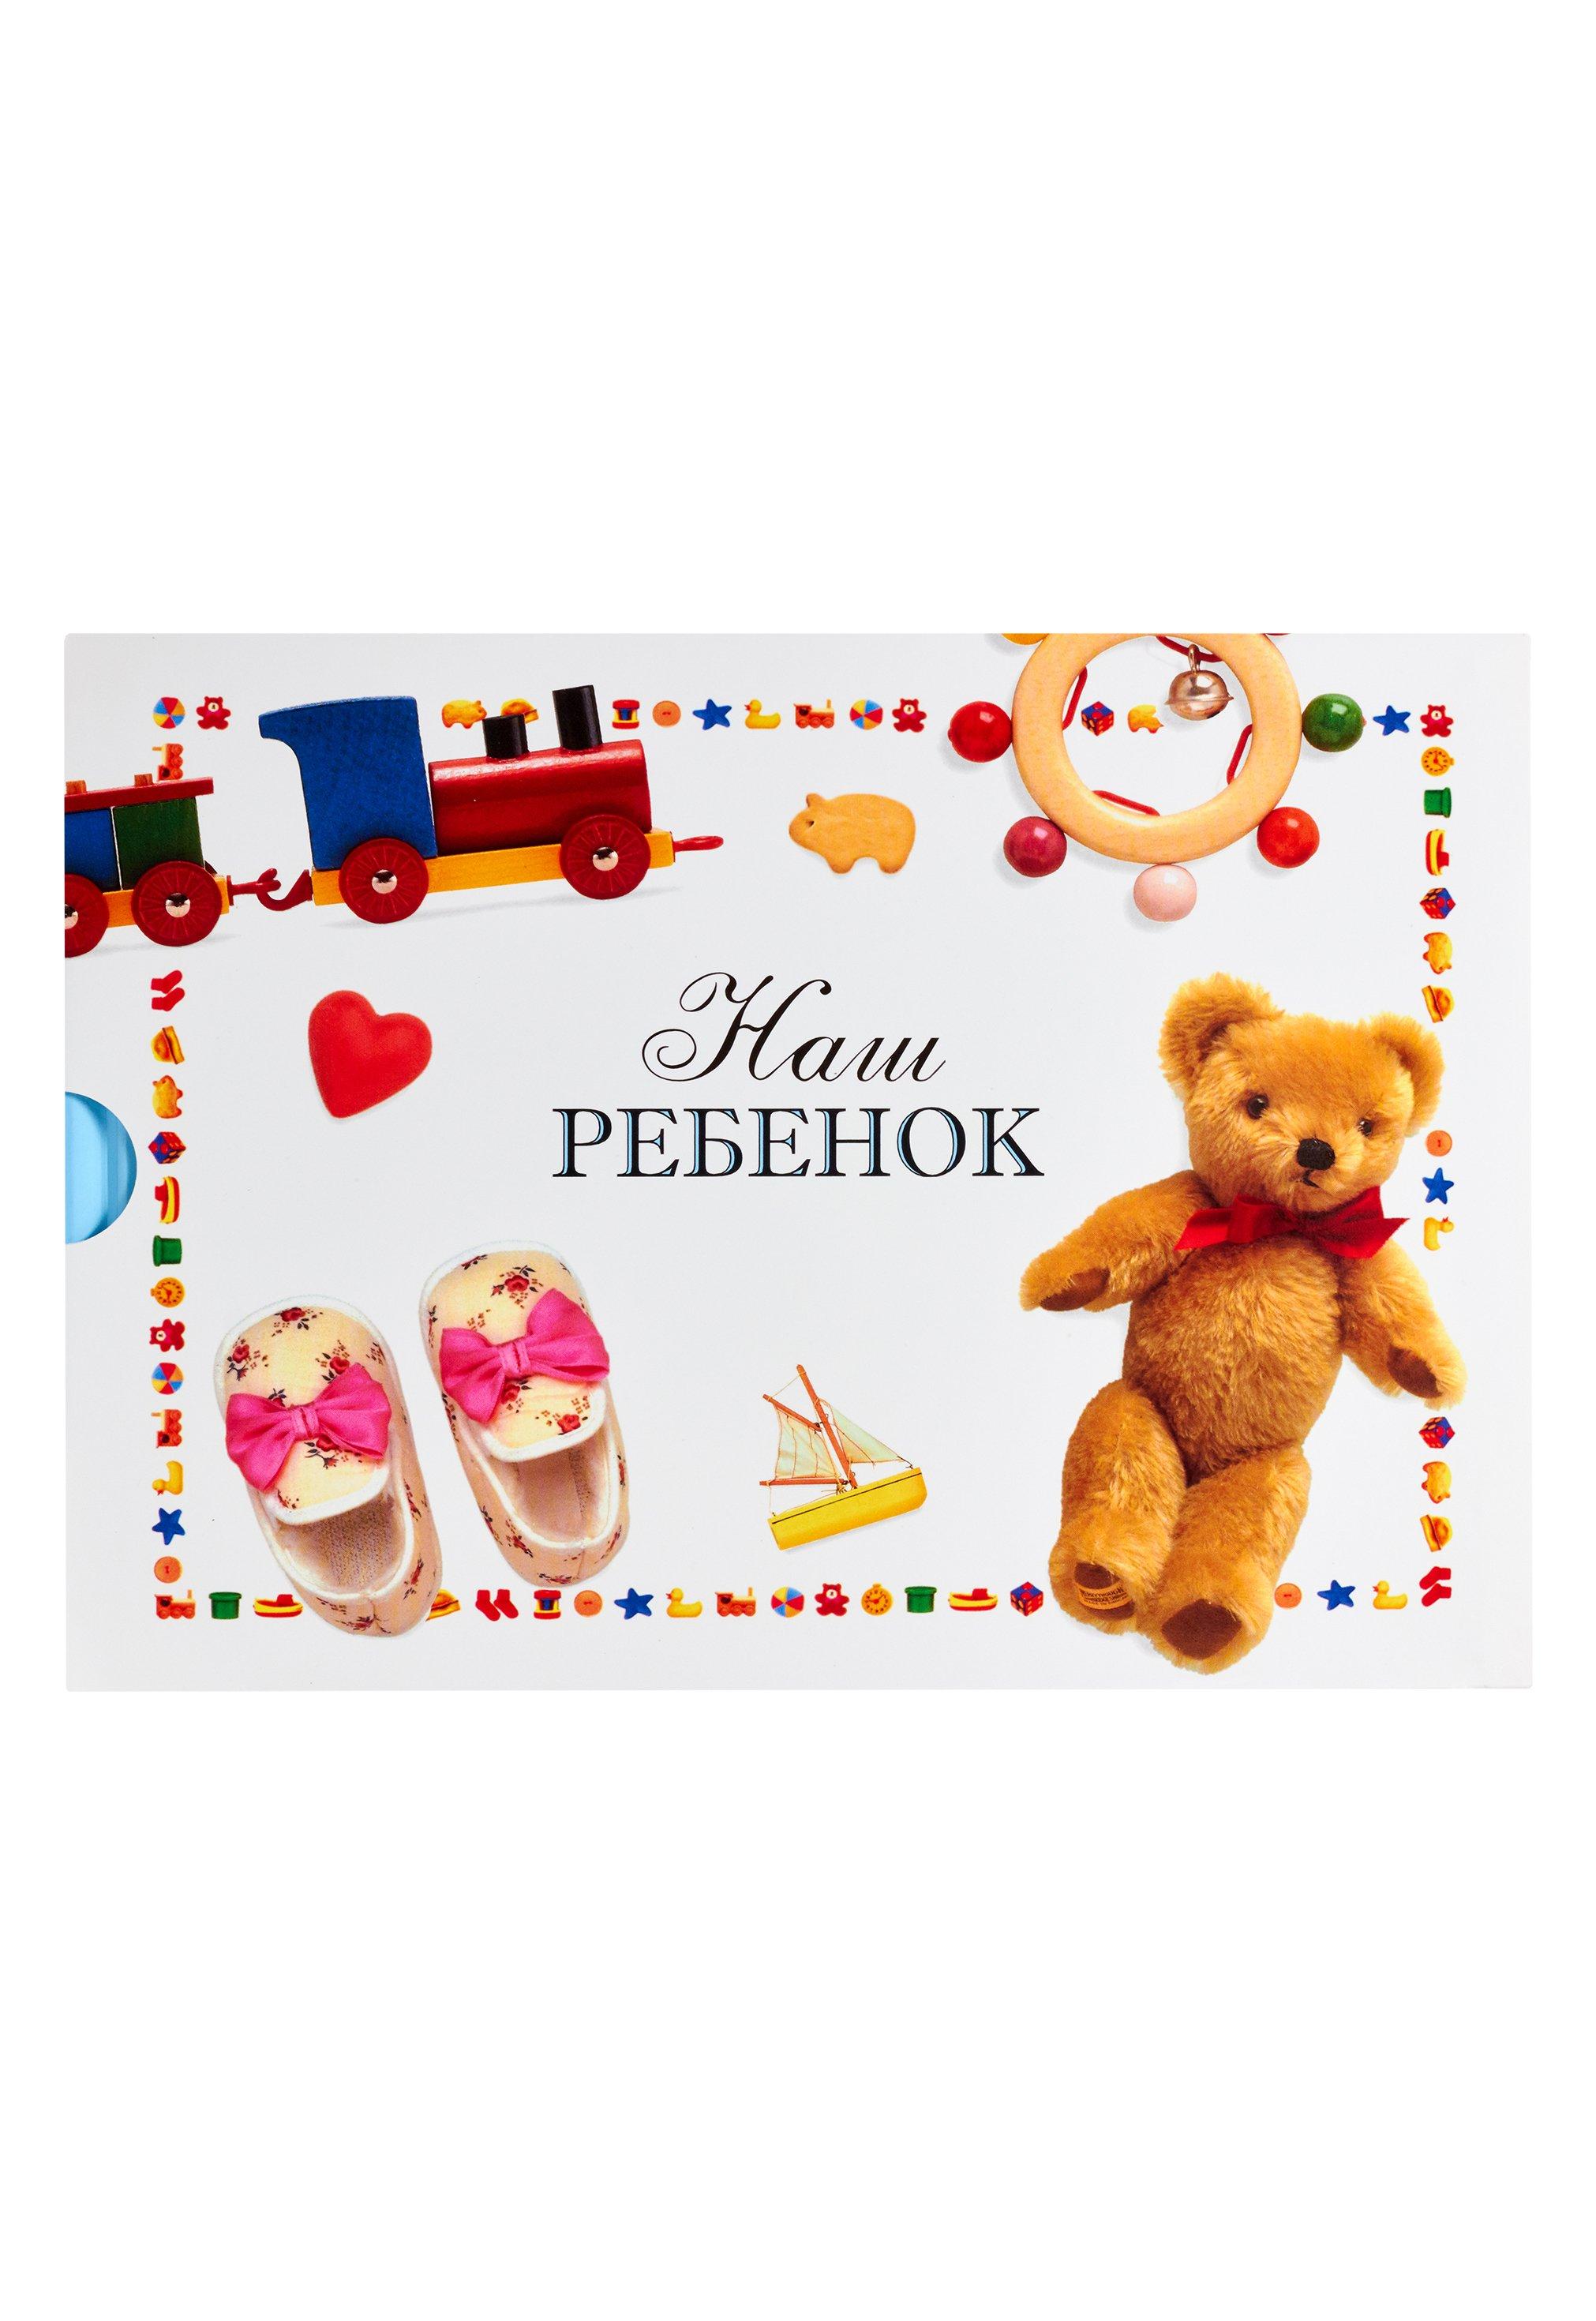 Фото - Белоновская Т.В. Наш ребенок пономарев в ред сост семейный молитвослов молитвы на разные случаи семейной жизни